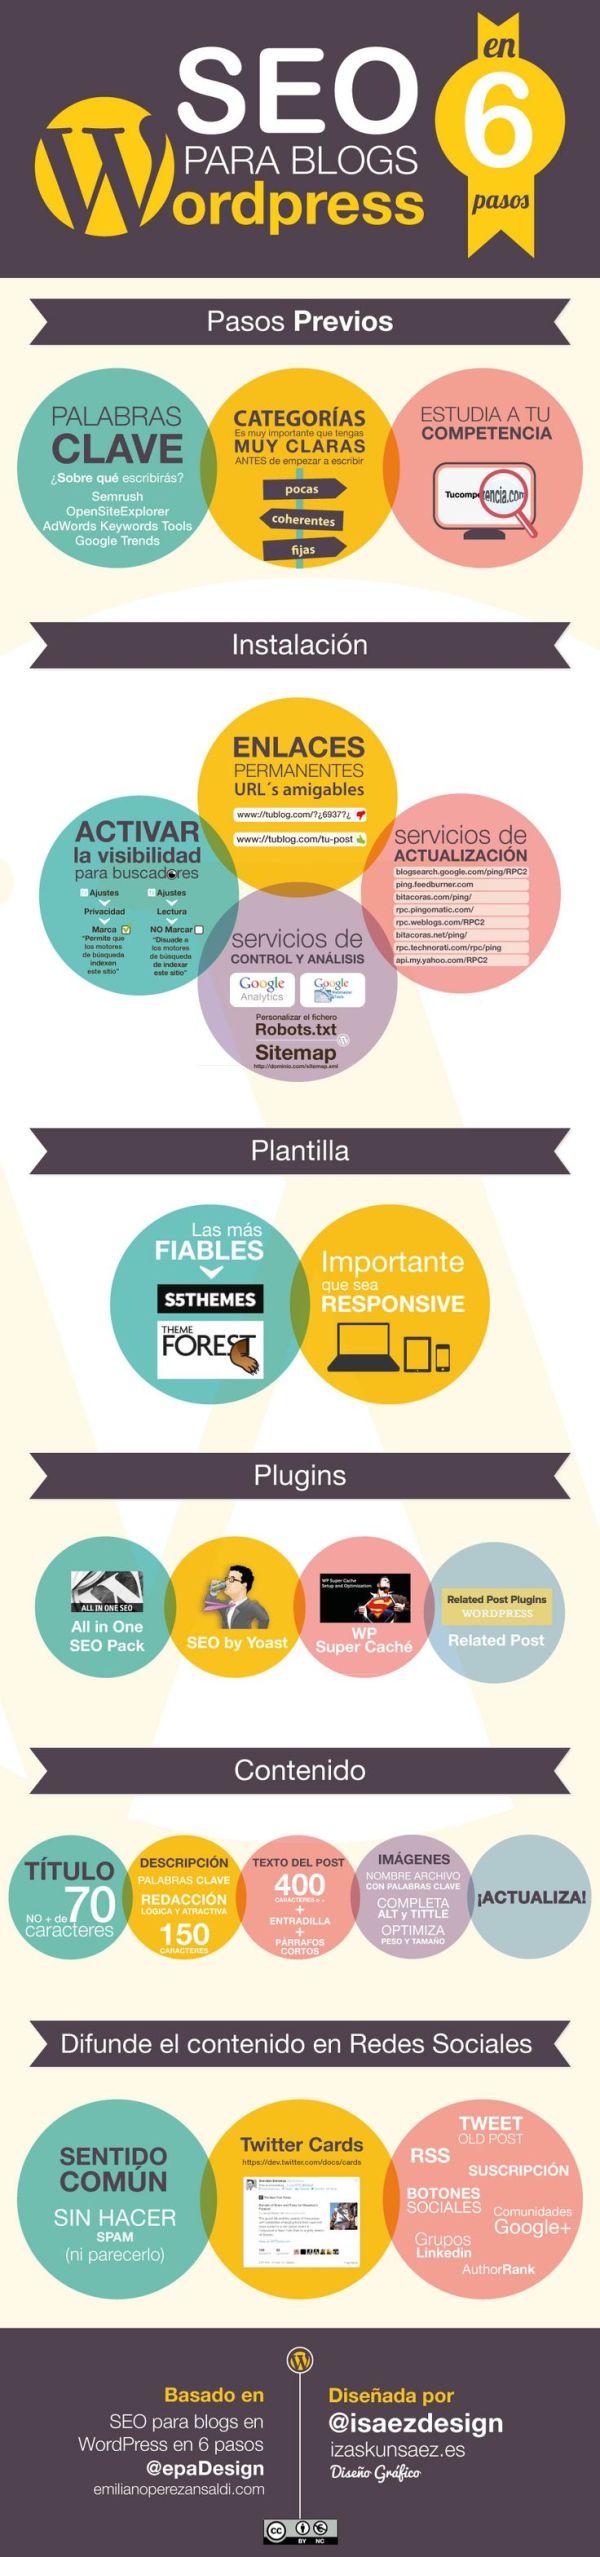 seo-infografia